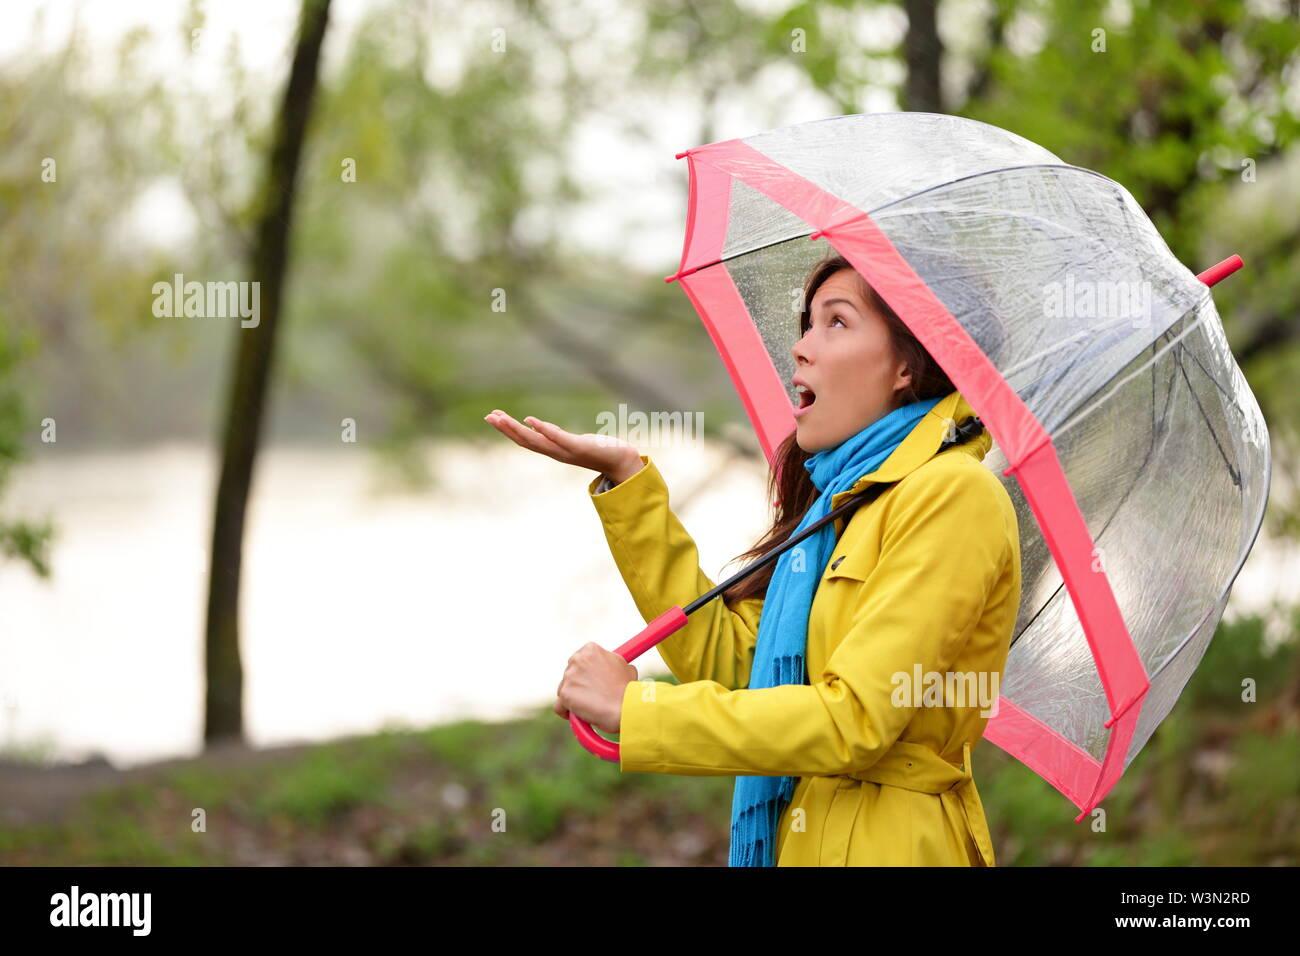 Mujer caminando en el bosque de lluvia en otoño. Pretty girl siente las gotas de agua caminando en el bosque por el lago en otoño. Mestizos asiáticos caucásica modelo femenino con gracioso ecxpression. Foto de stock